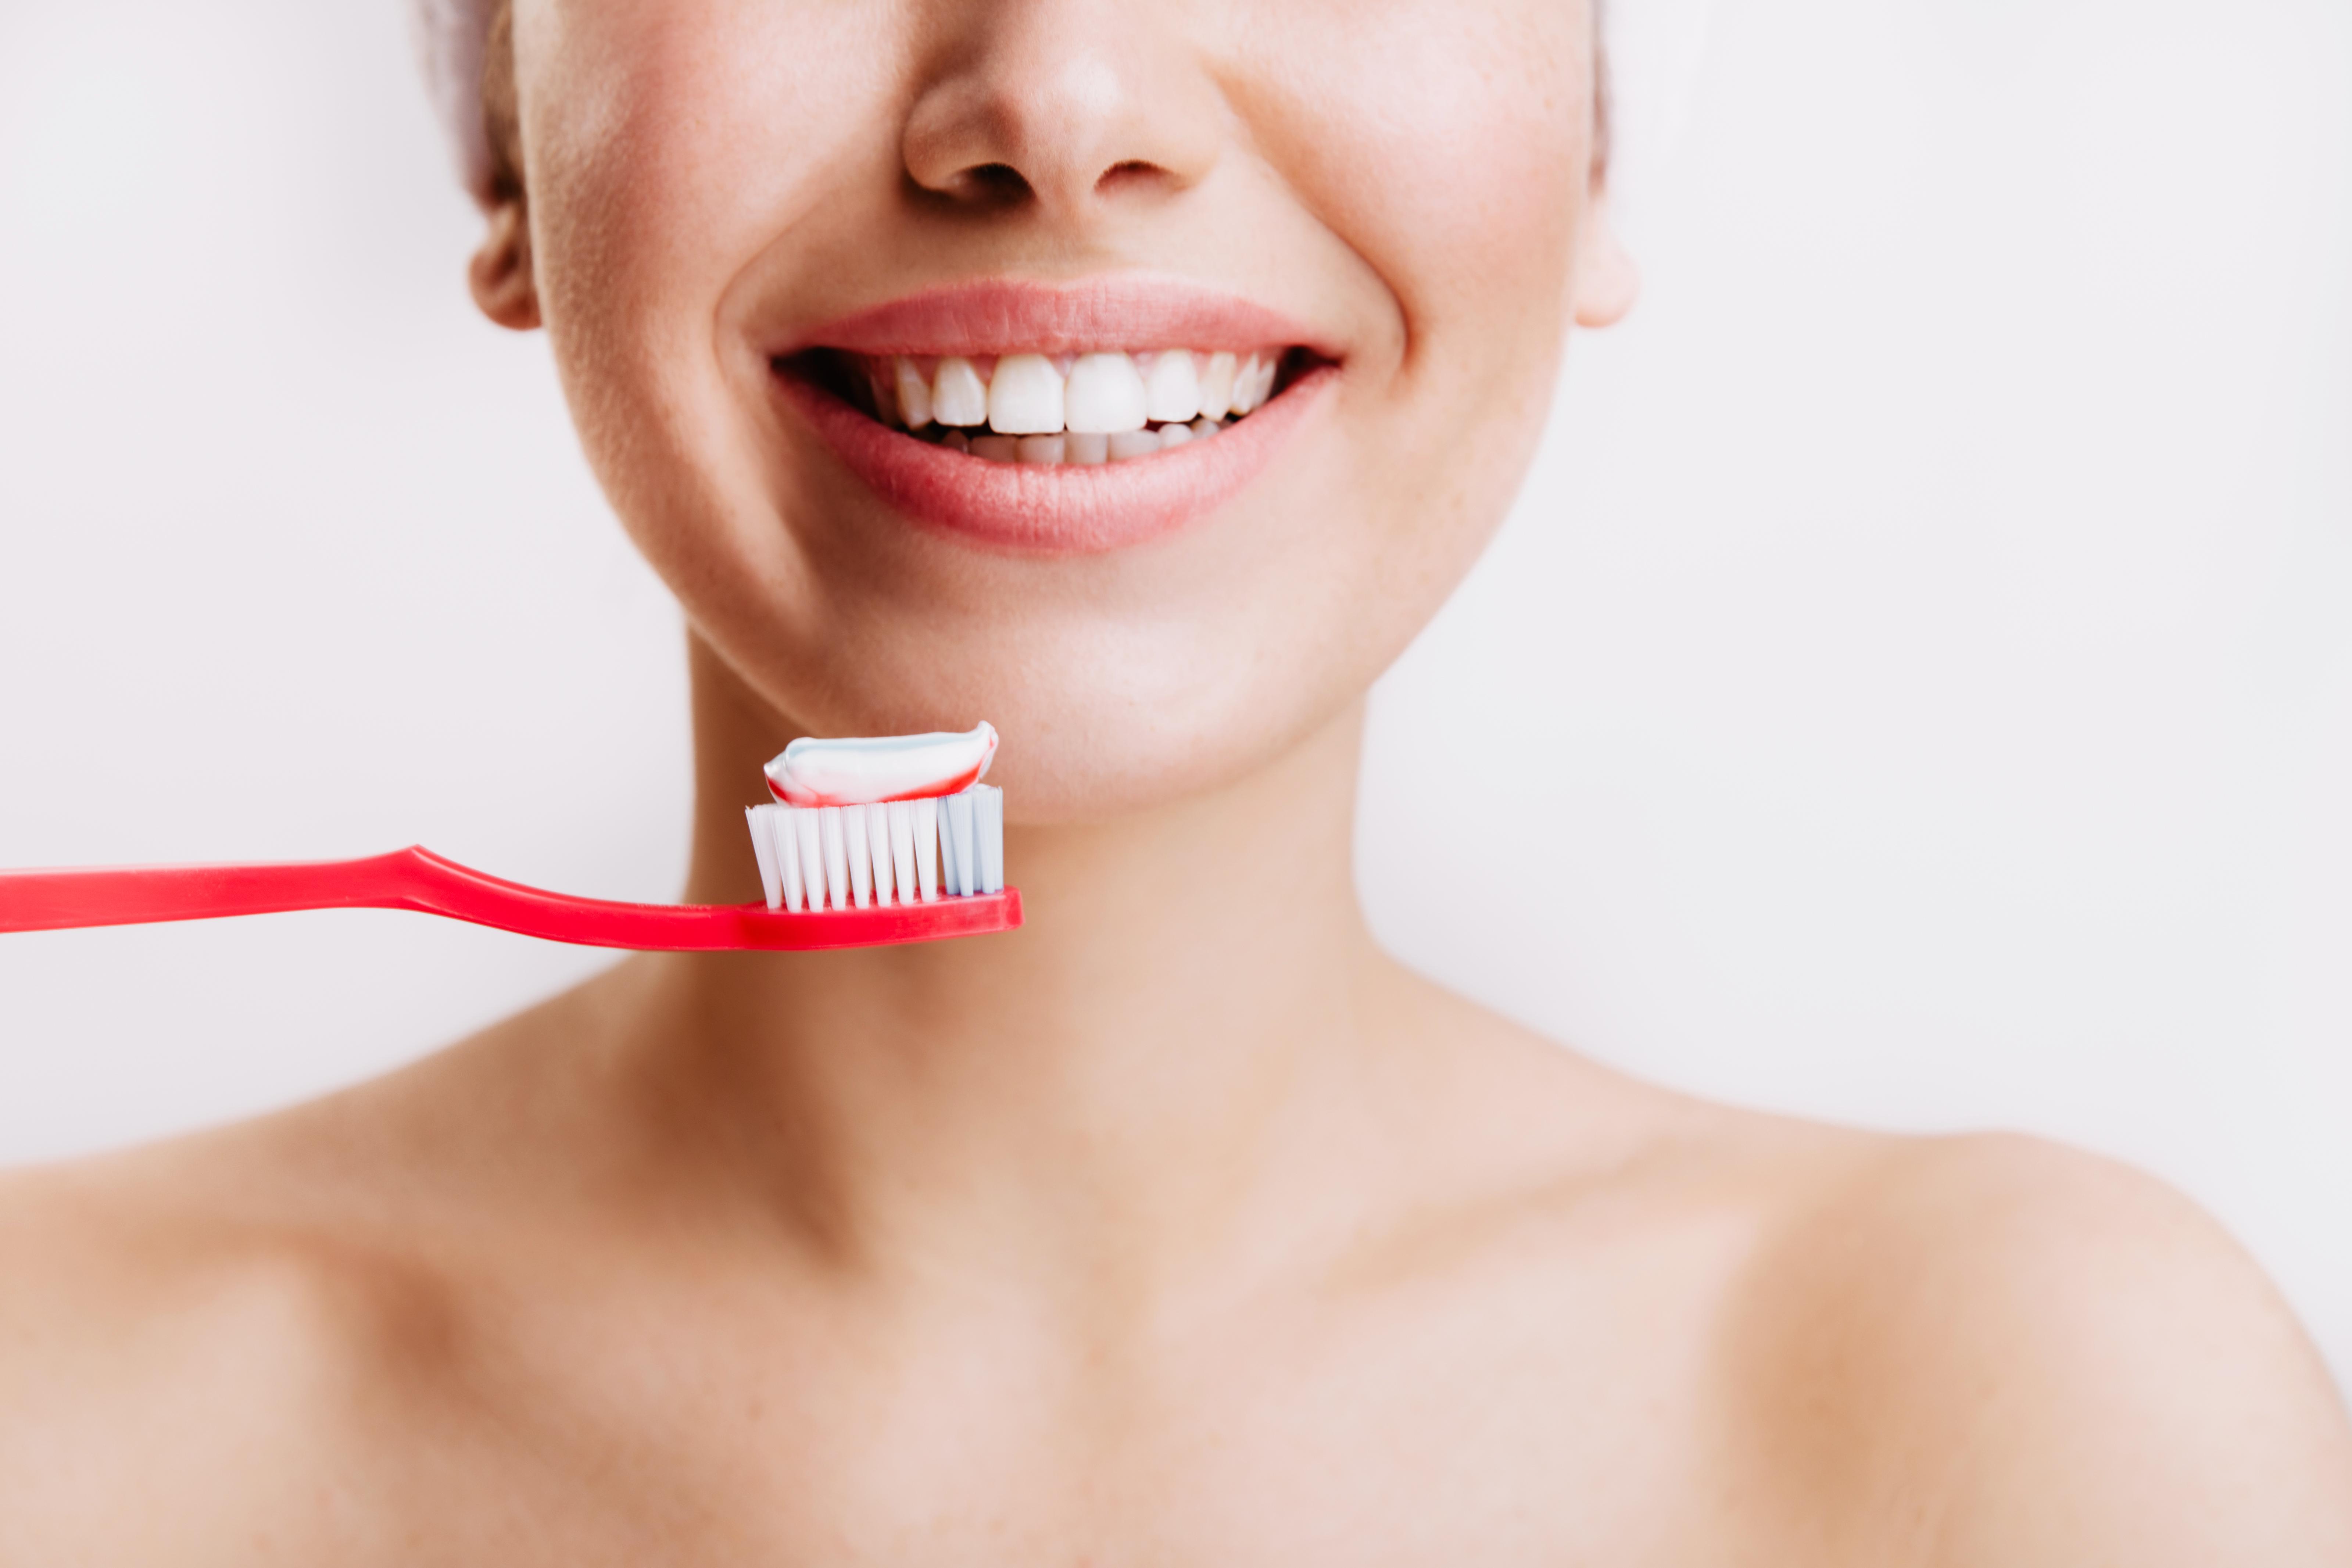 L'igiene orale in estate: consigli utili